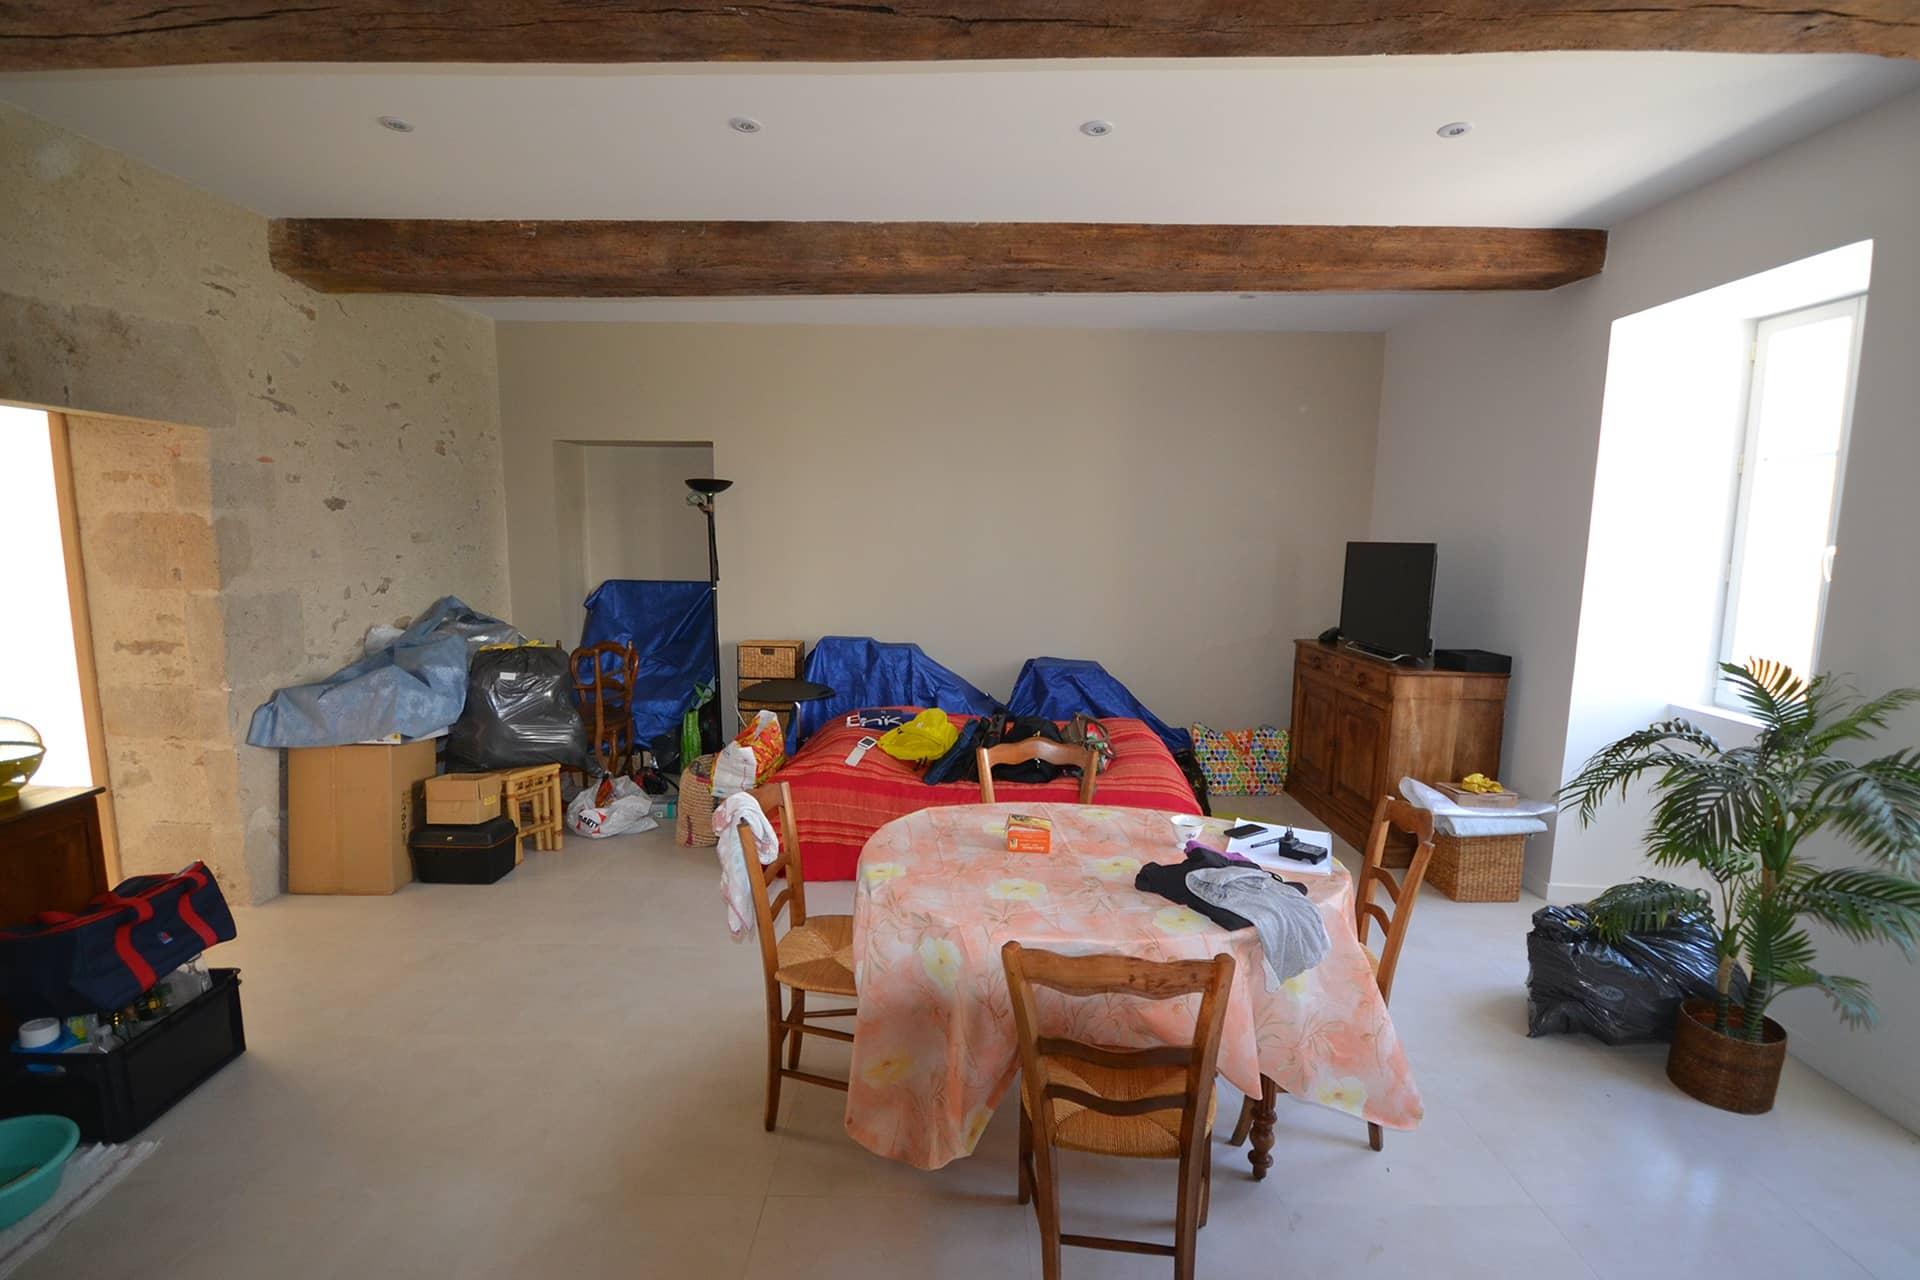 airiau2 - Rénovation d'une maison bourgeoise à Legé (44)